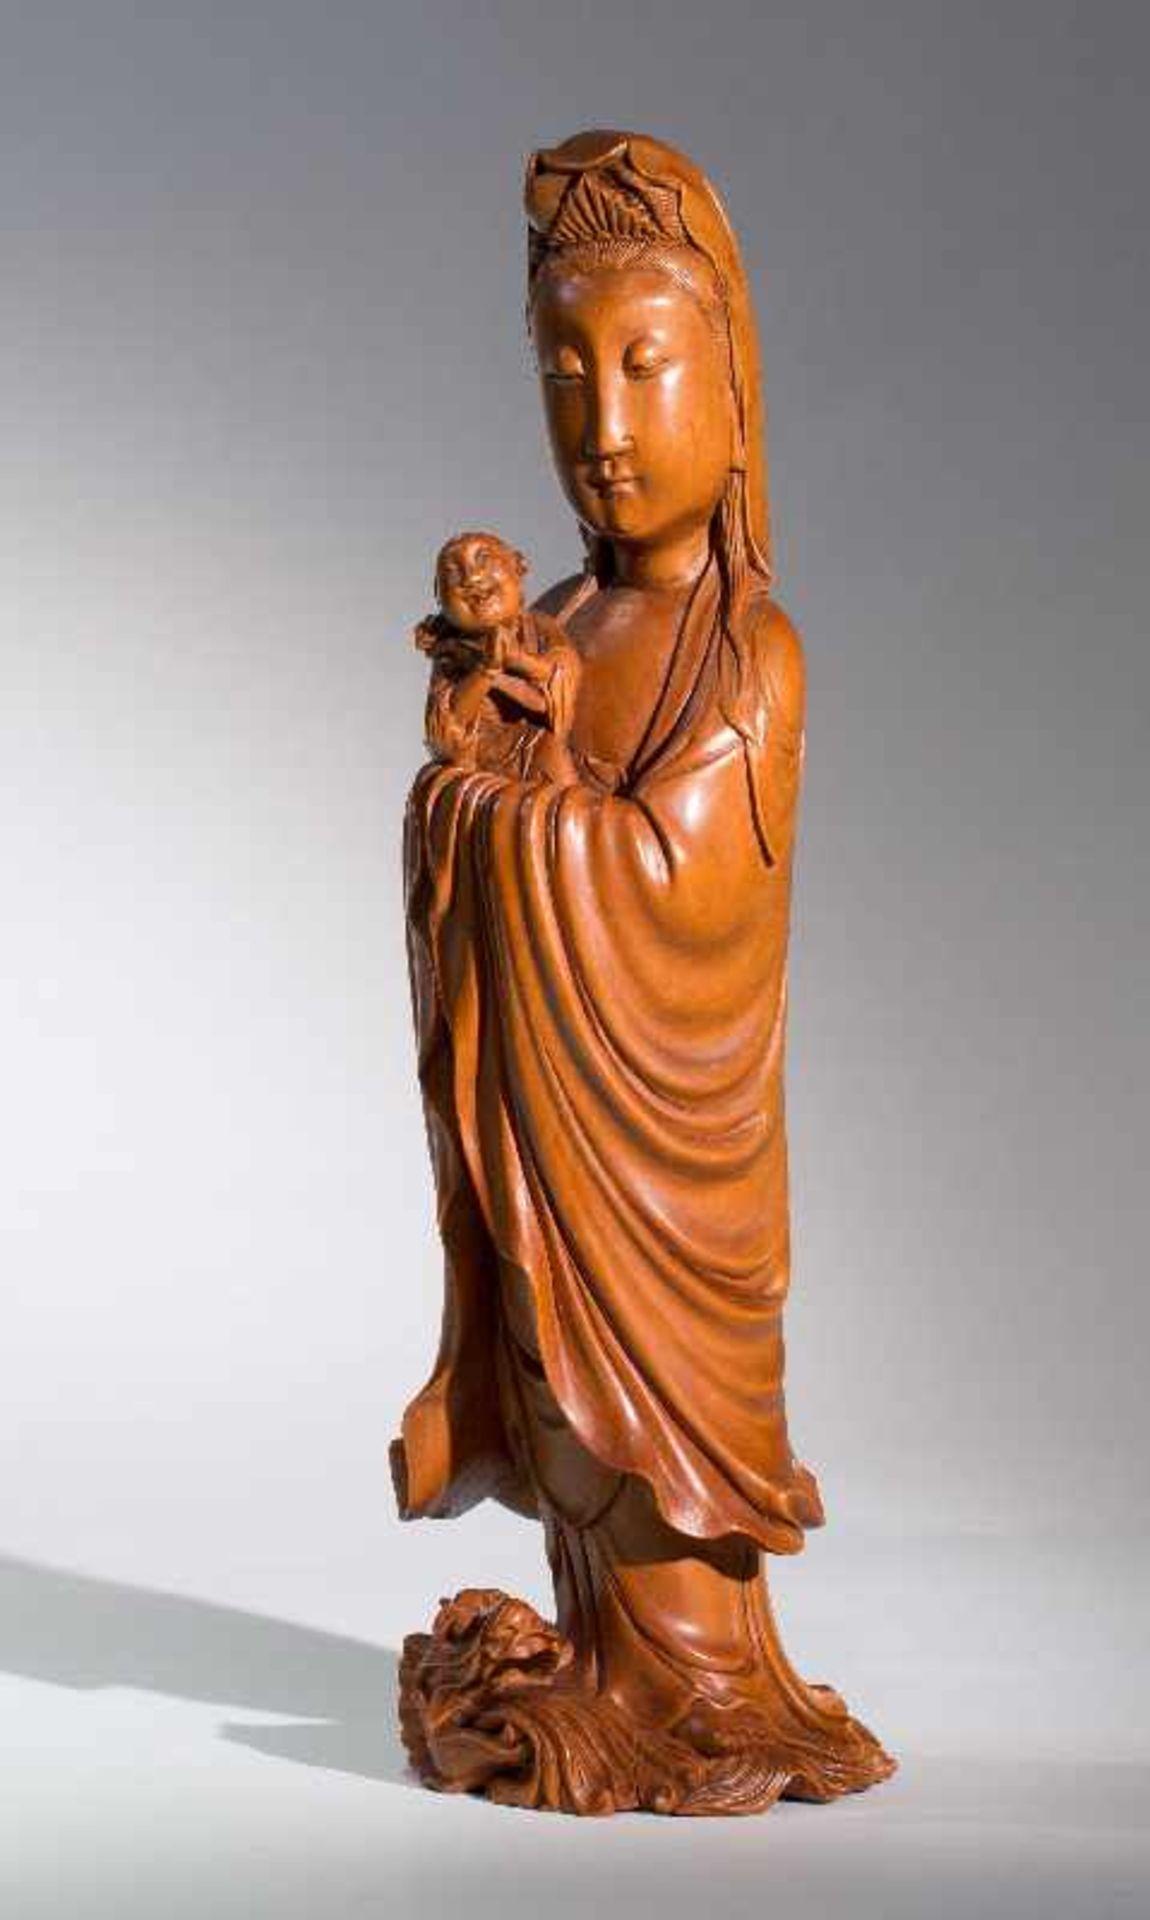 DIE KINDERBRINGENDE GÖTTIN GUANYINBuchsbaumholz. China, Qing-Dynastie, 18. bis 19. Jh. Ein - Image 2 of 7